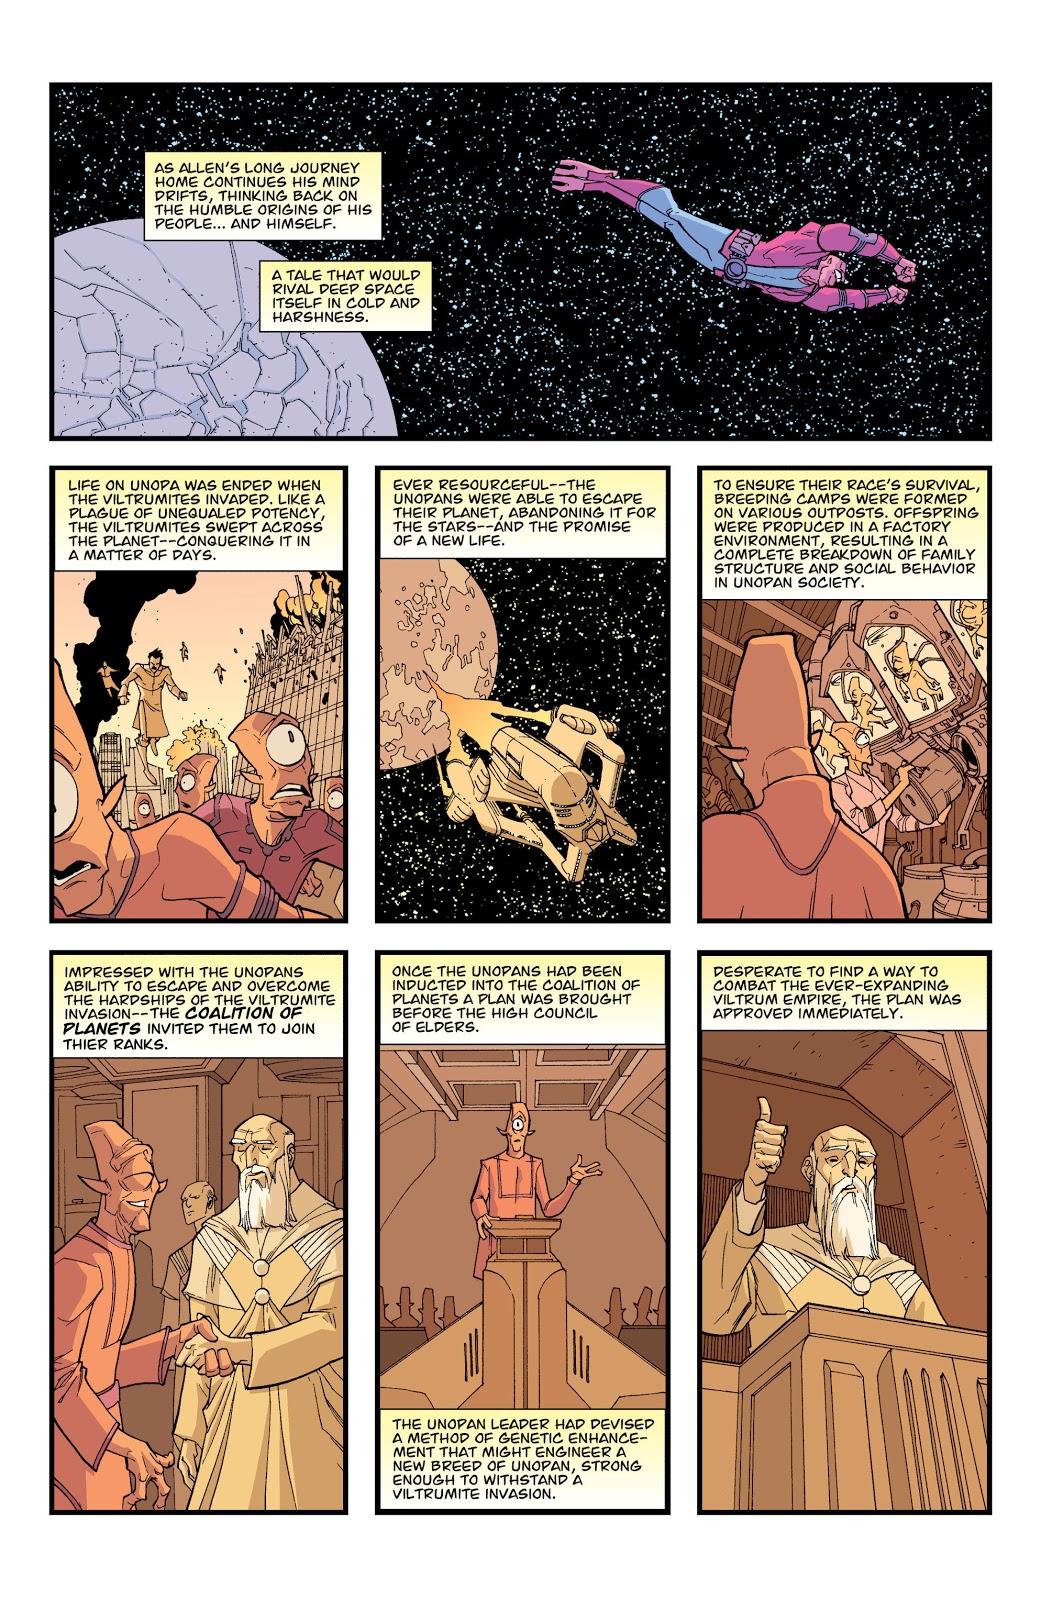 Allen The Alien's Origin Story